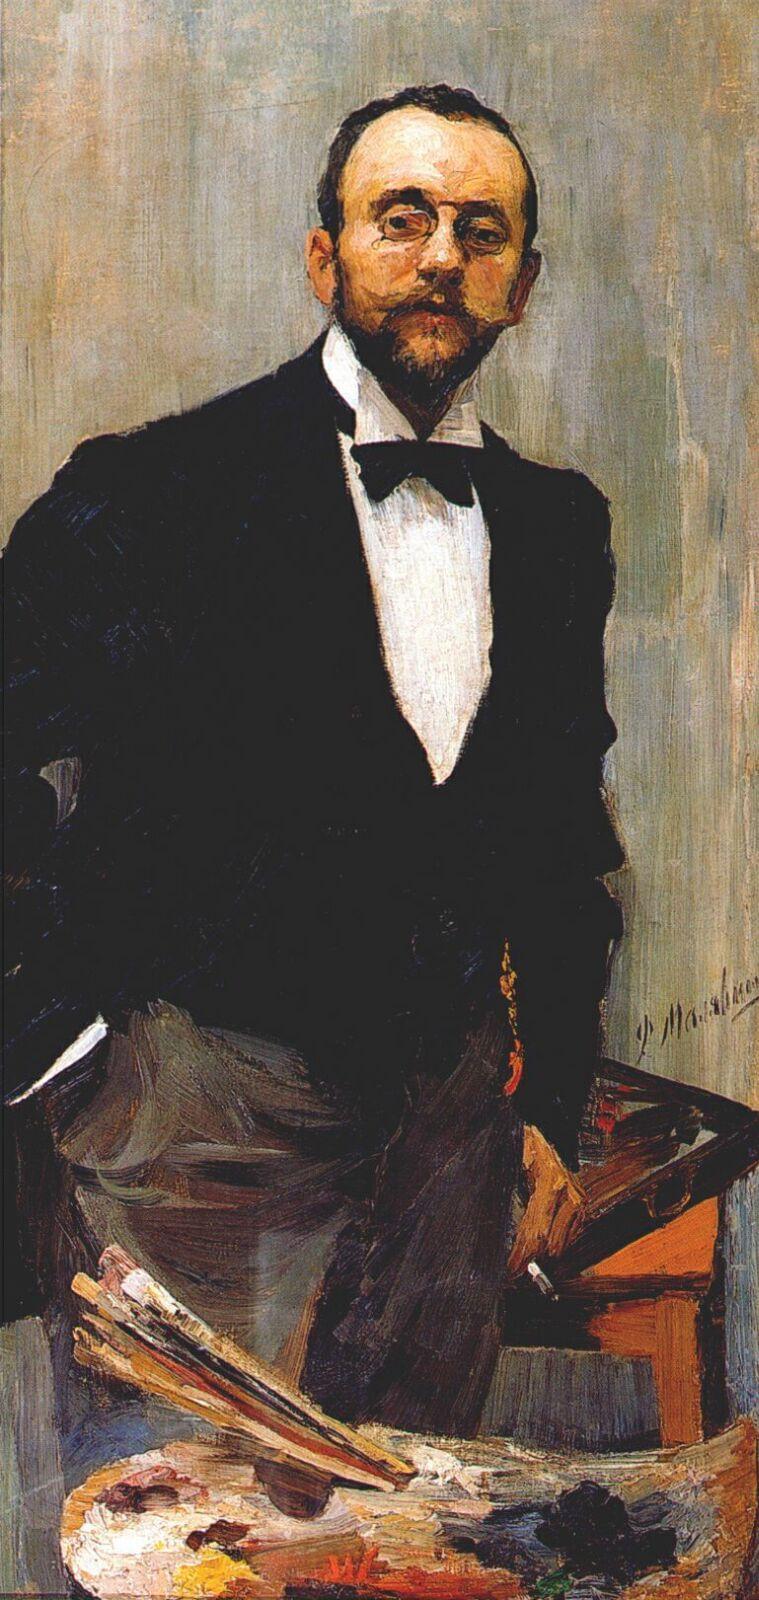 Филипп Малявин. Портрет художника Игоря Грабаря. 1895